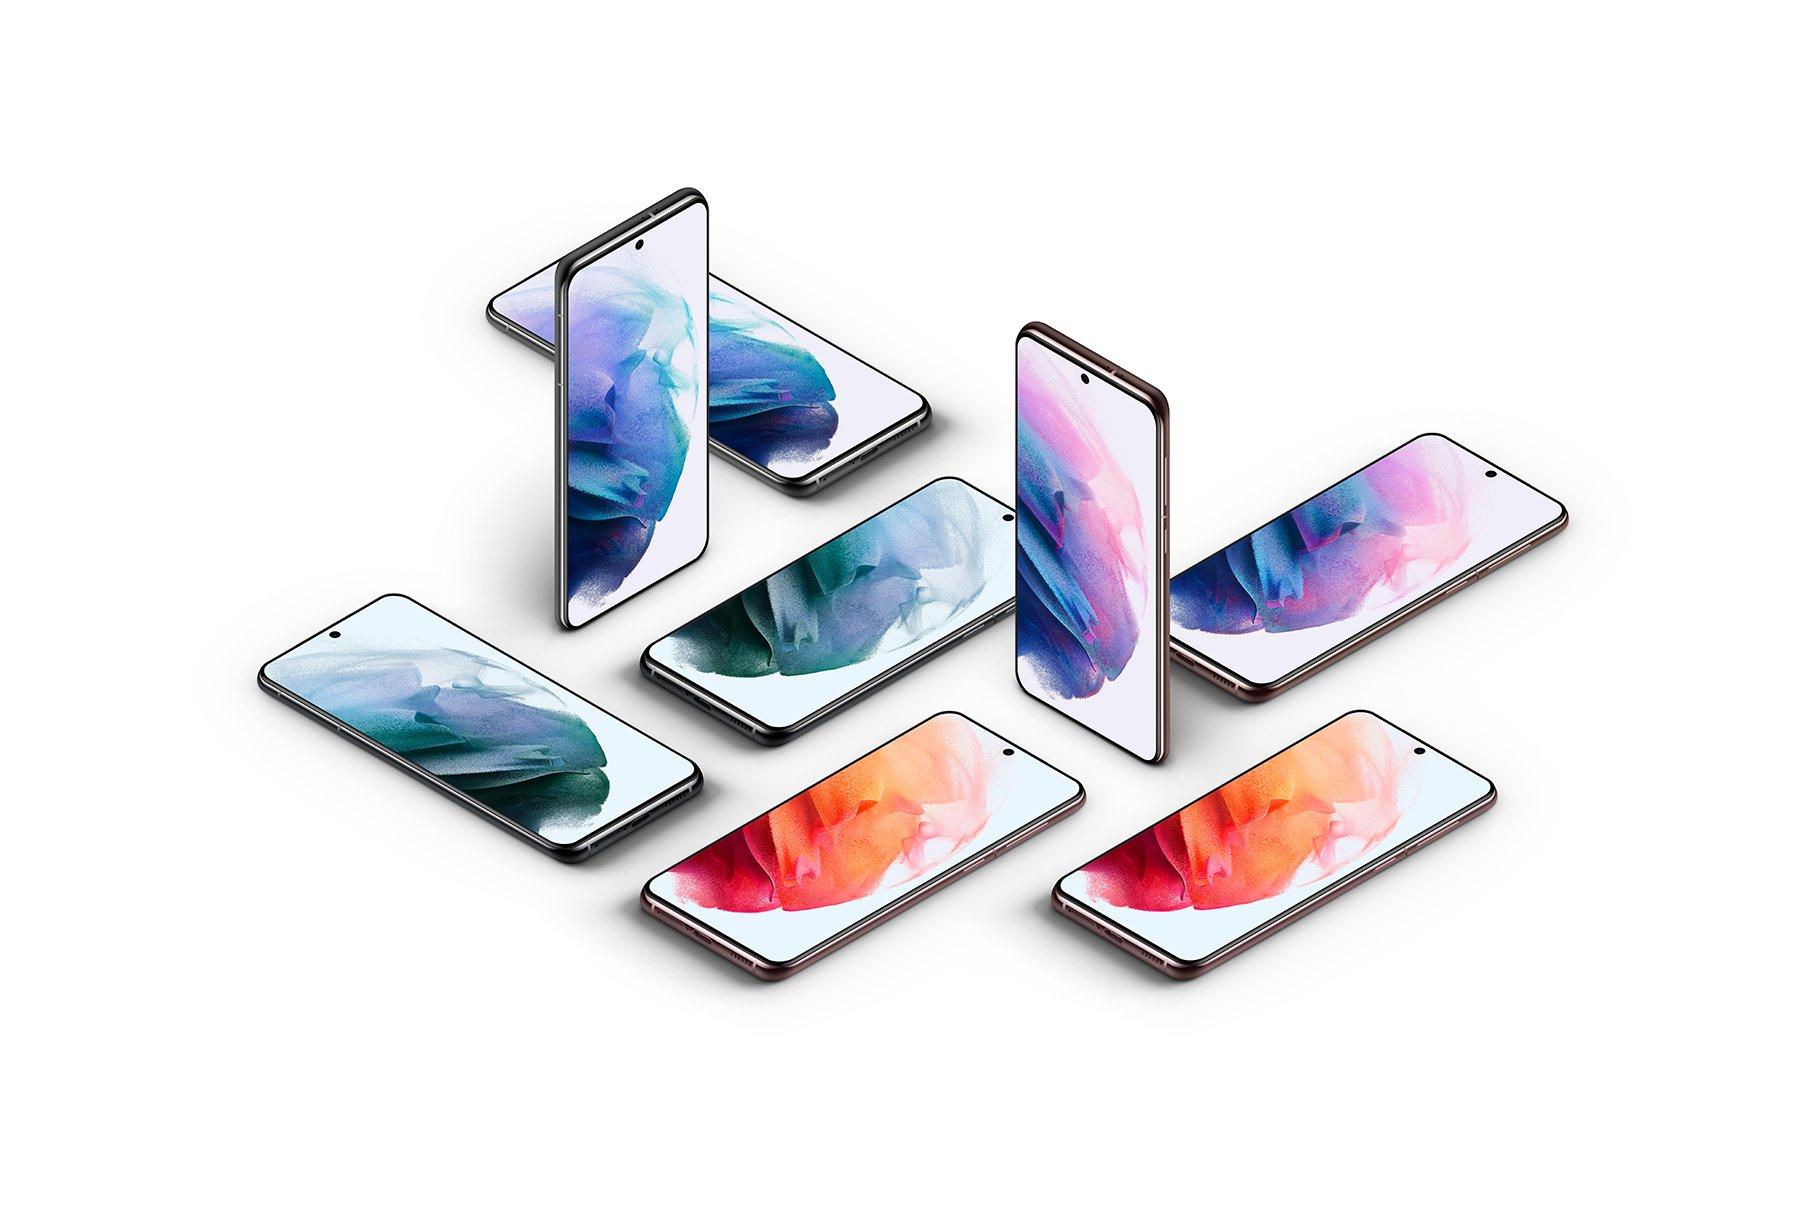 [单独购买] 20款三星Galaxy S21手机网站APP界面设计演示样机模板套件 Galaxy S21 – 20 Mockups Scenes插图32